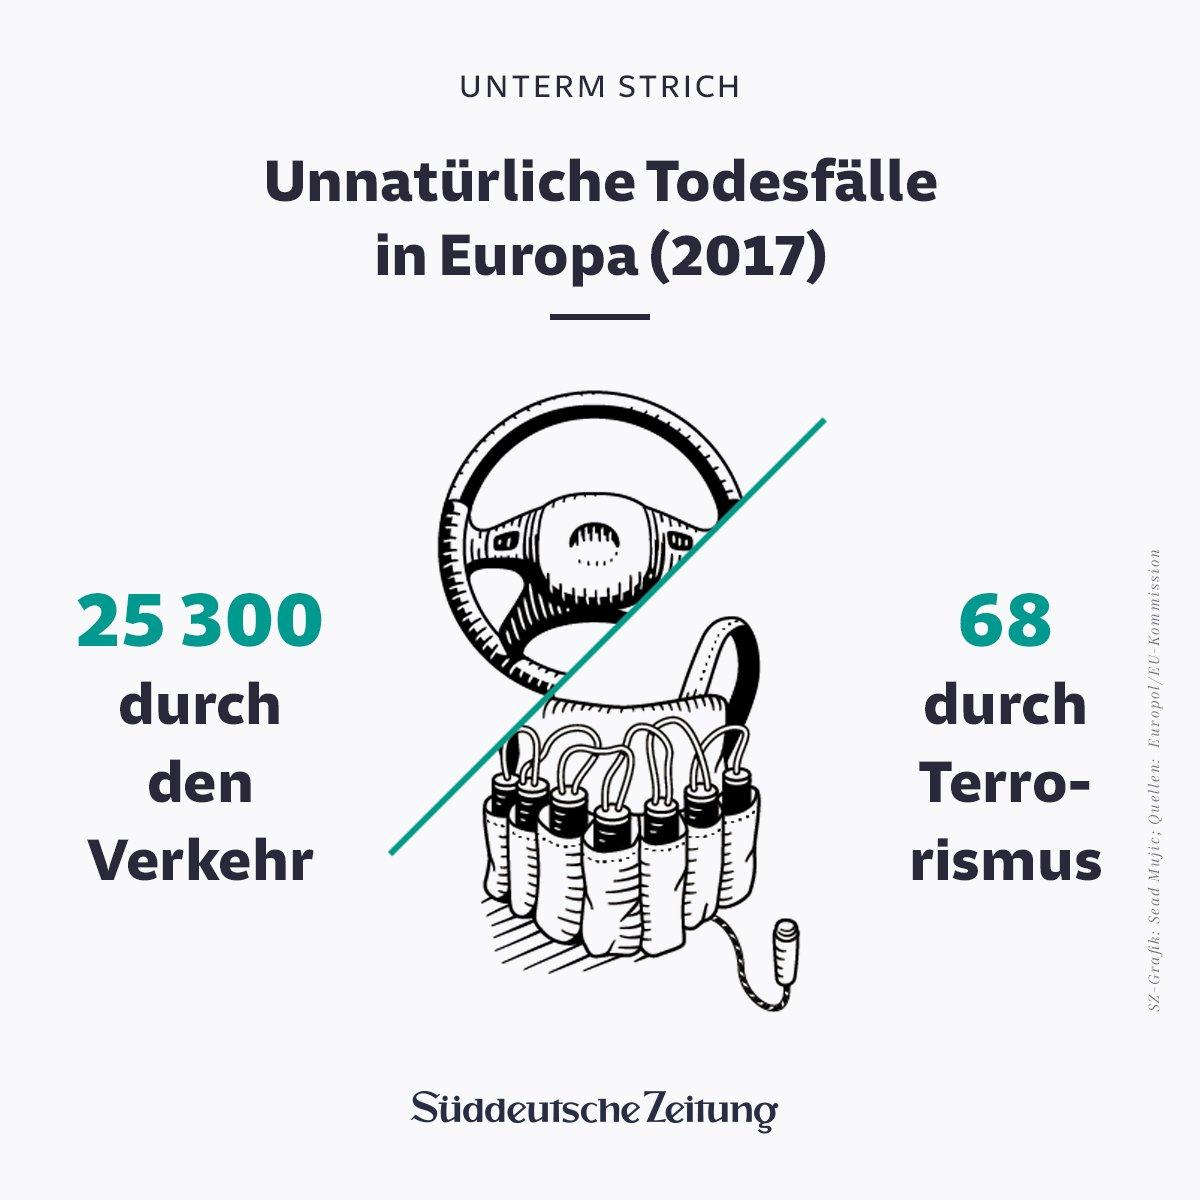 #UntermStrich